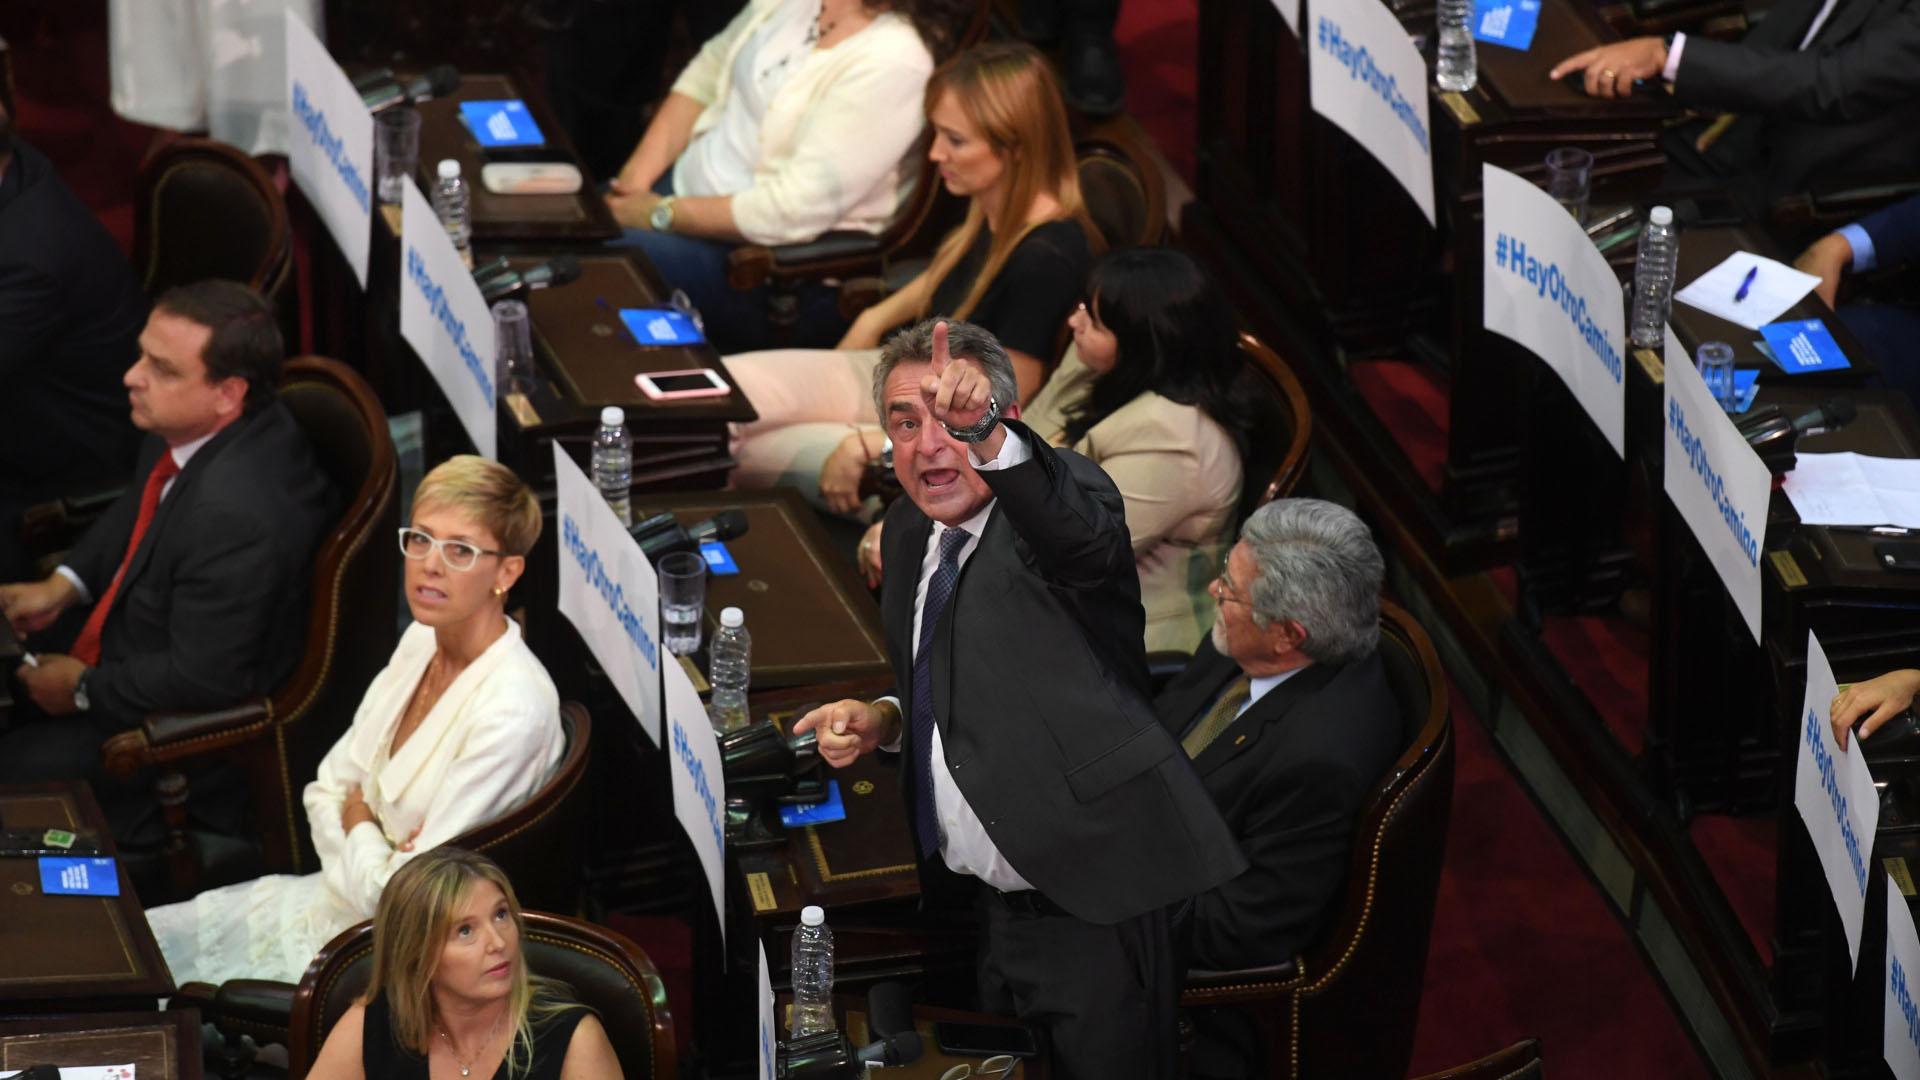 Agustín Rossi, enojado, señala los palcos de la Cámara de Diputados (Maximiliano Luna)